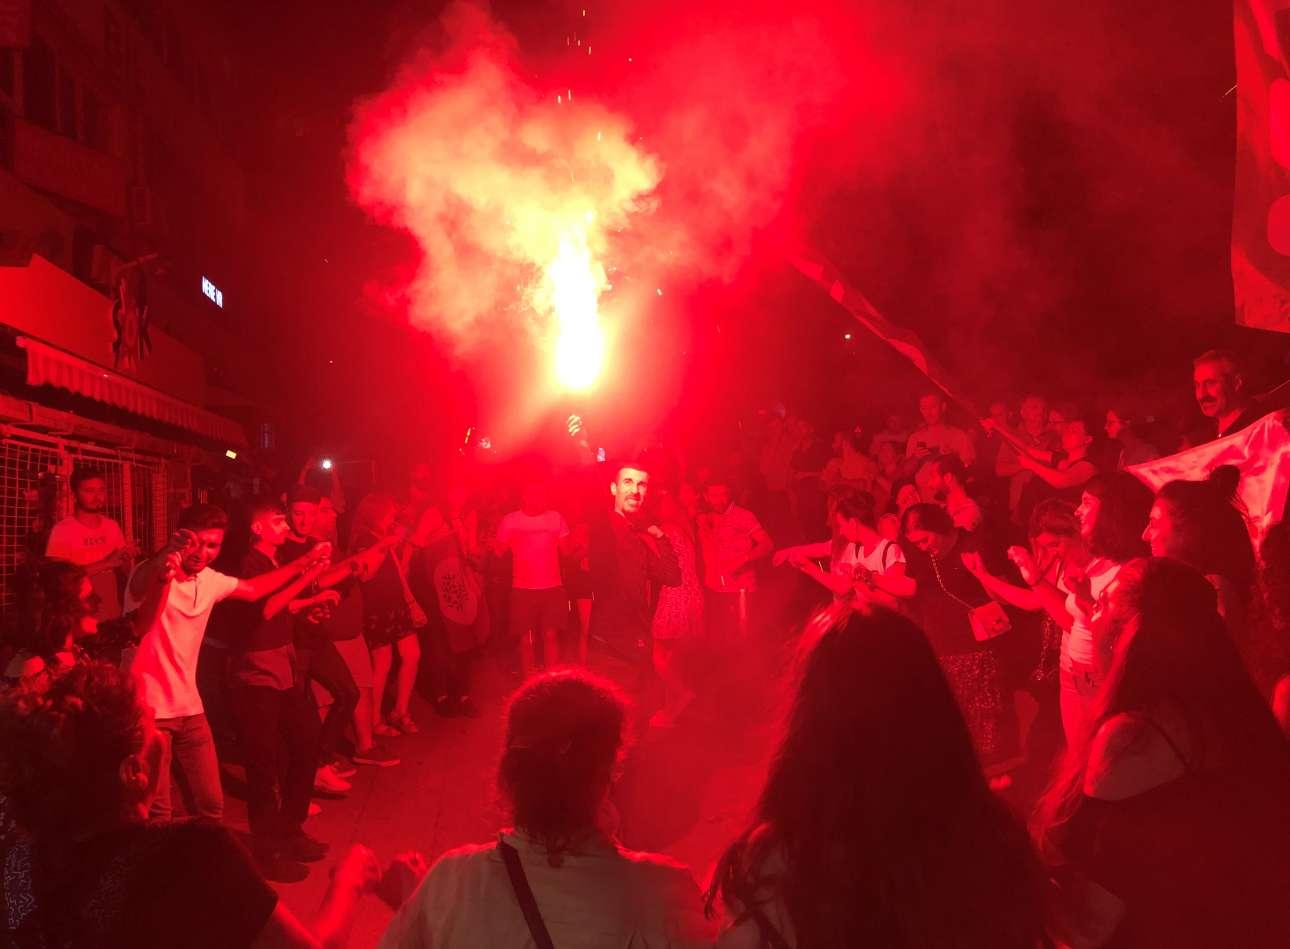 Καπνογόνα και χοροί για μια νίκη που ήλθε για δεύτερη φορά και μάλιστα μεγαλύτερη από την πρώτη